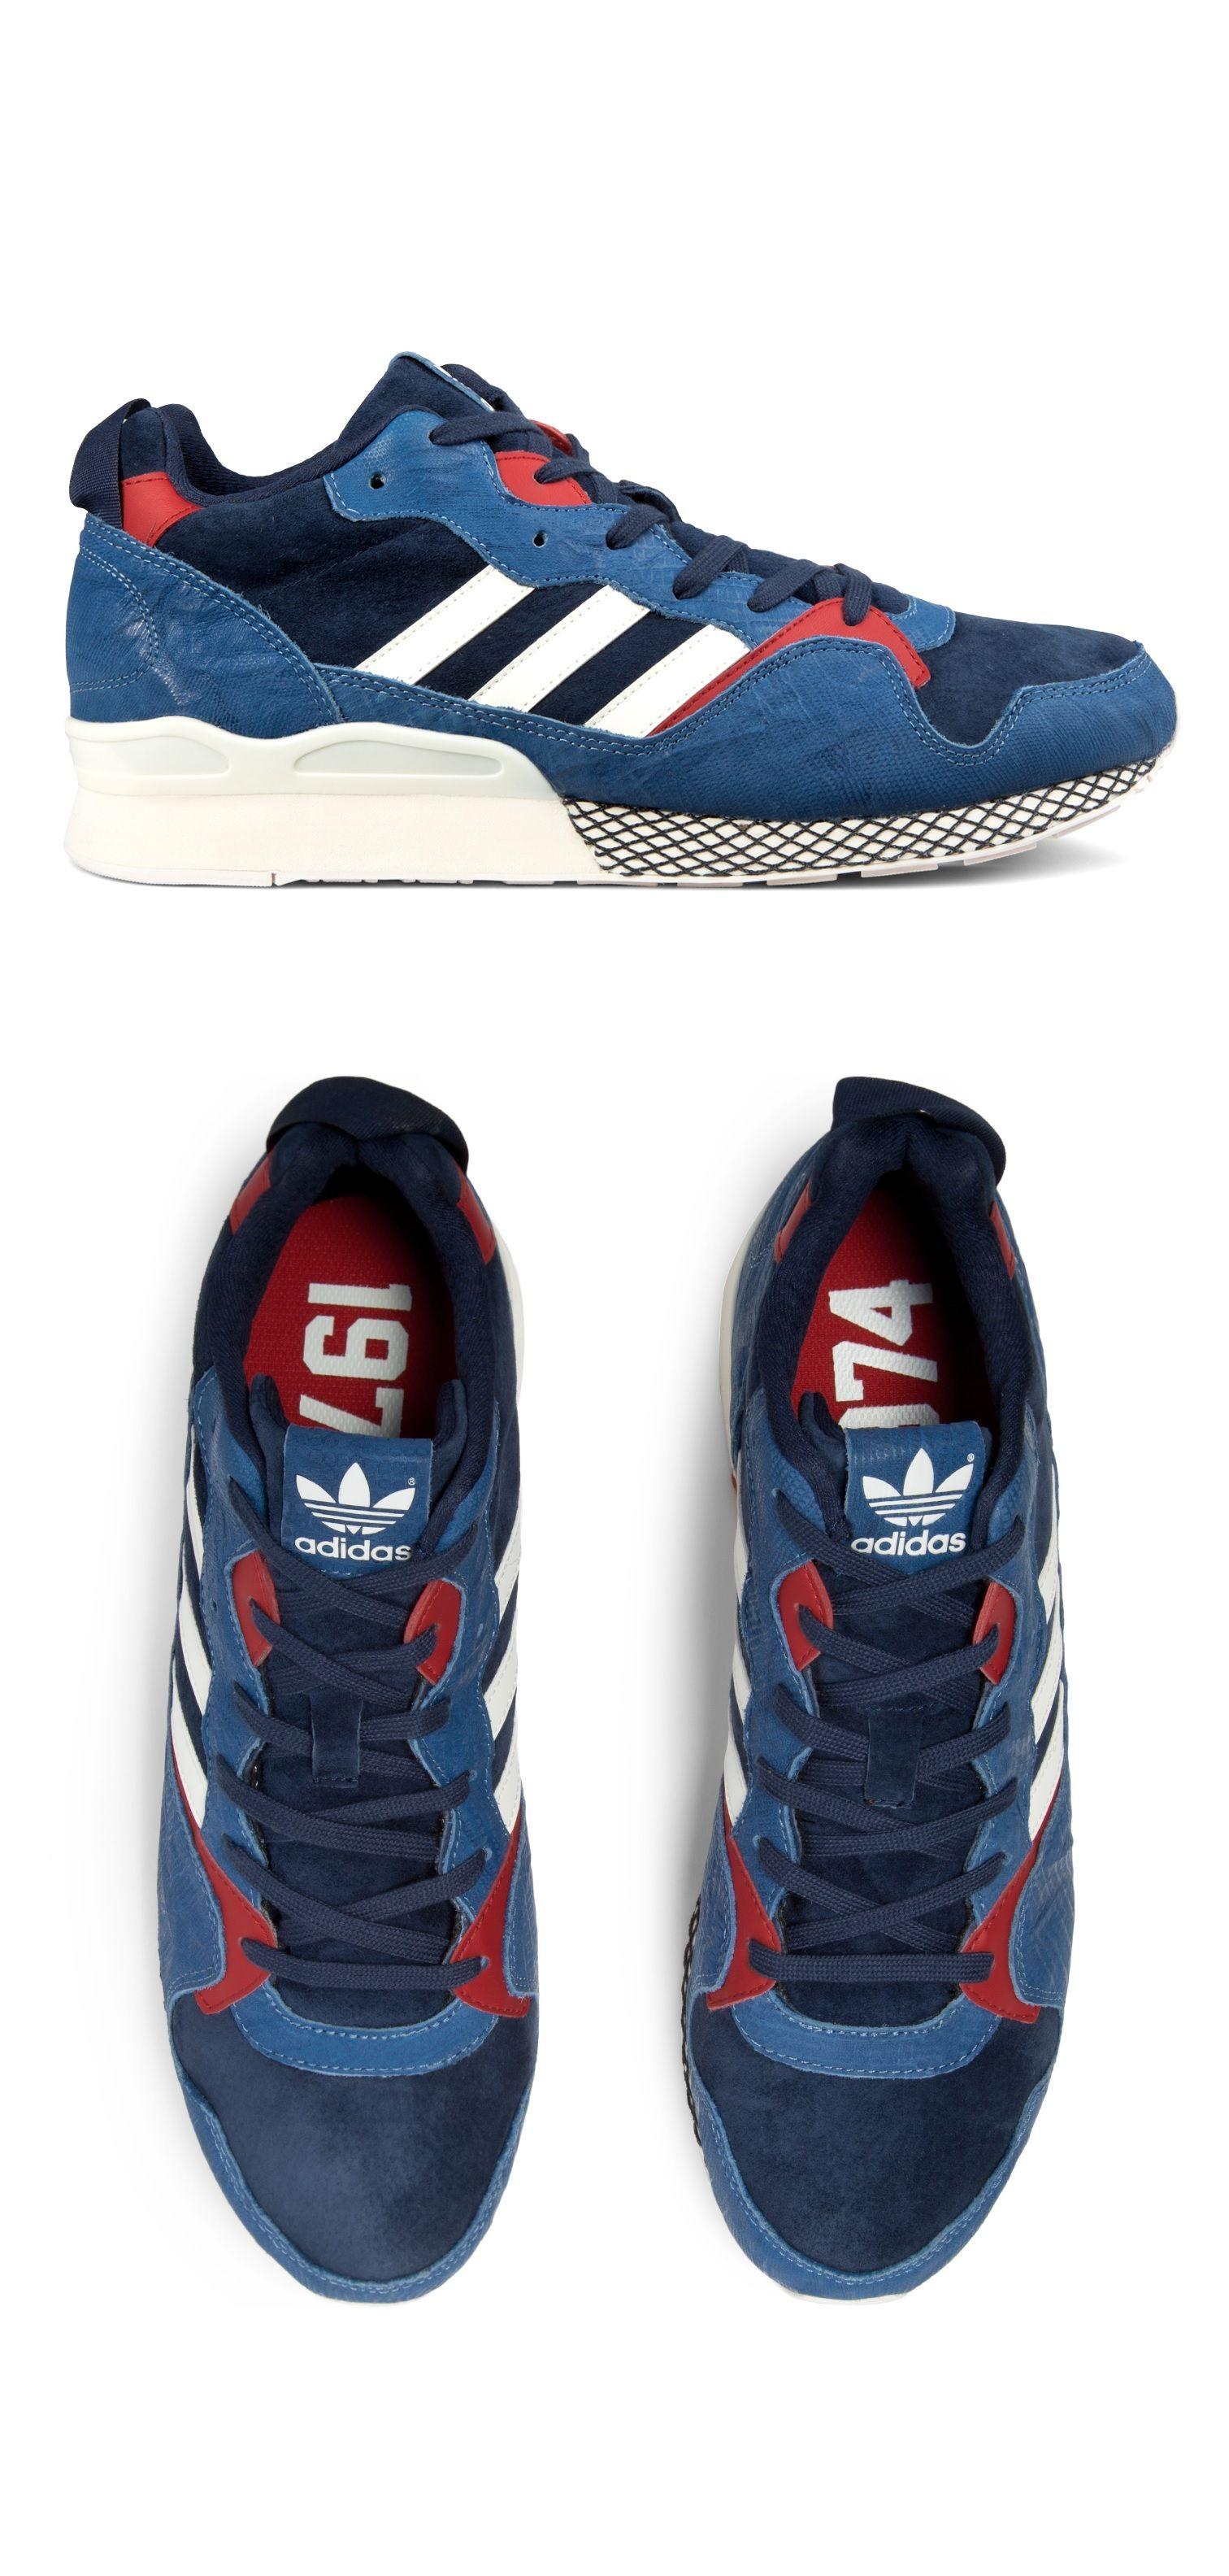 be10e4b17935 adidas Originals ZXZ 930  Blue Navy Red